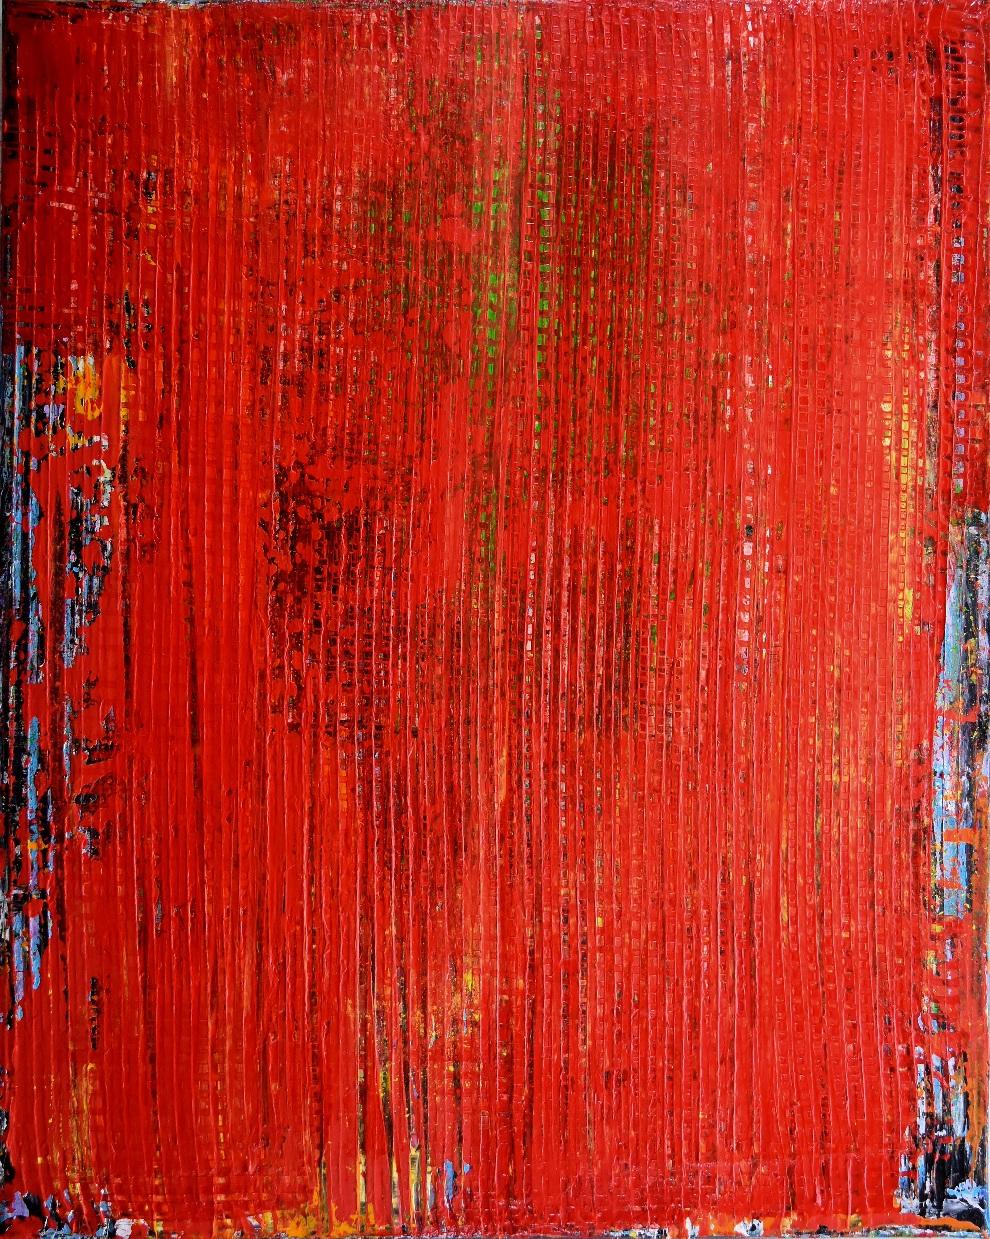 Dreaming 5 - artist - Nestor Toro